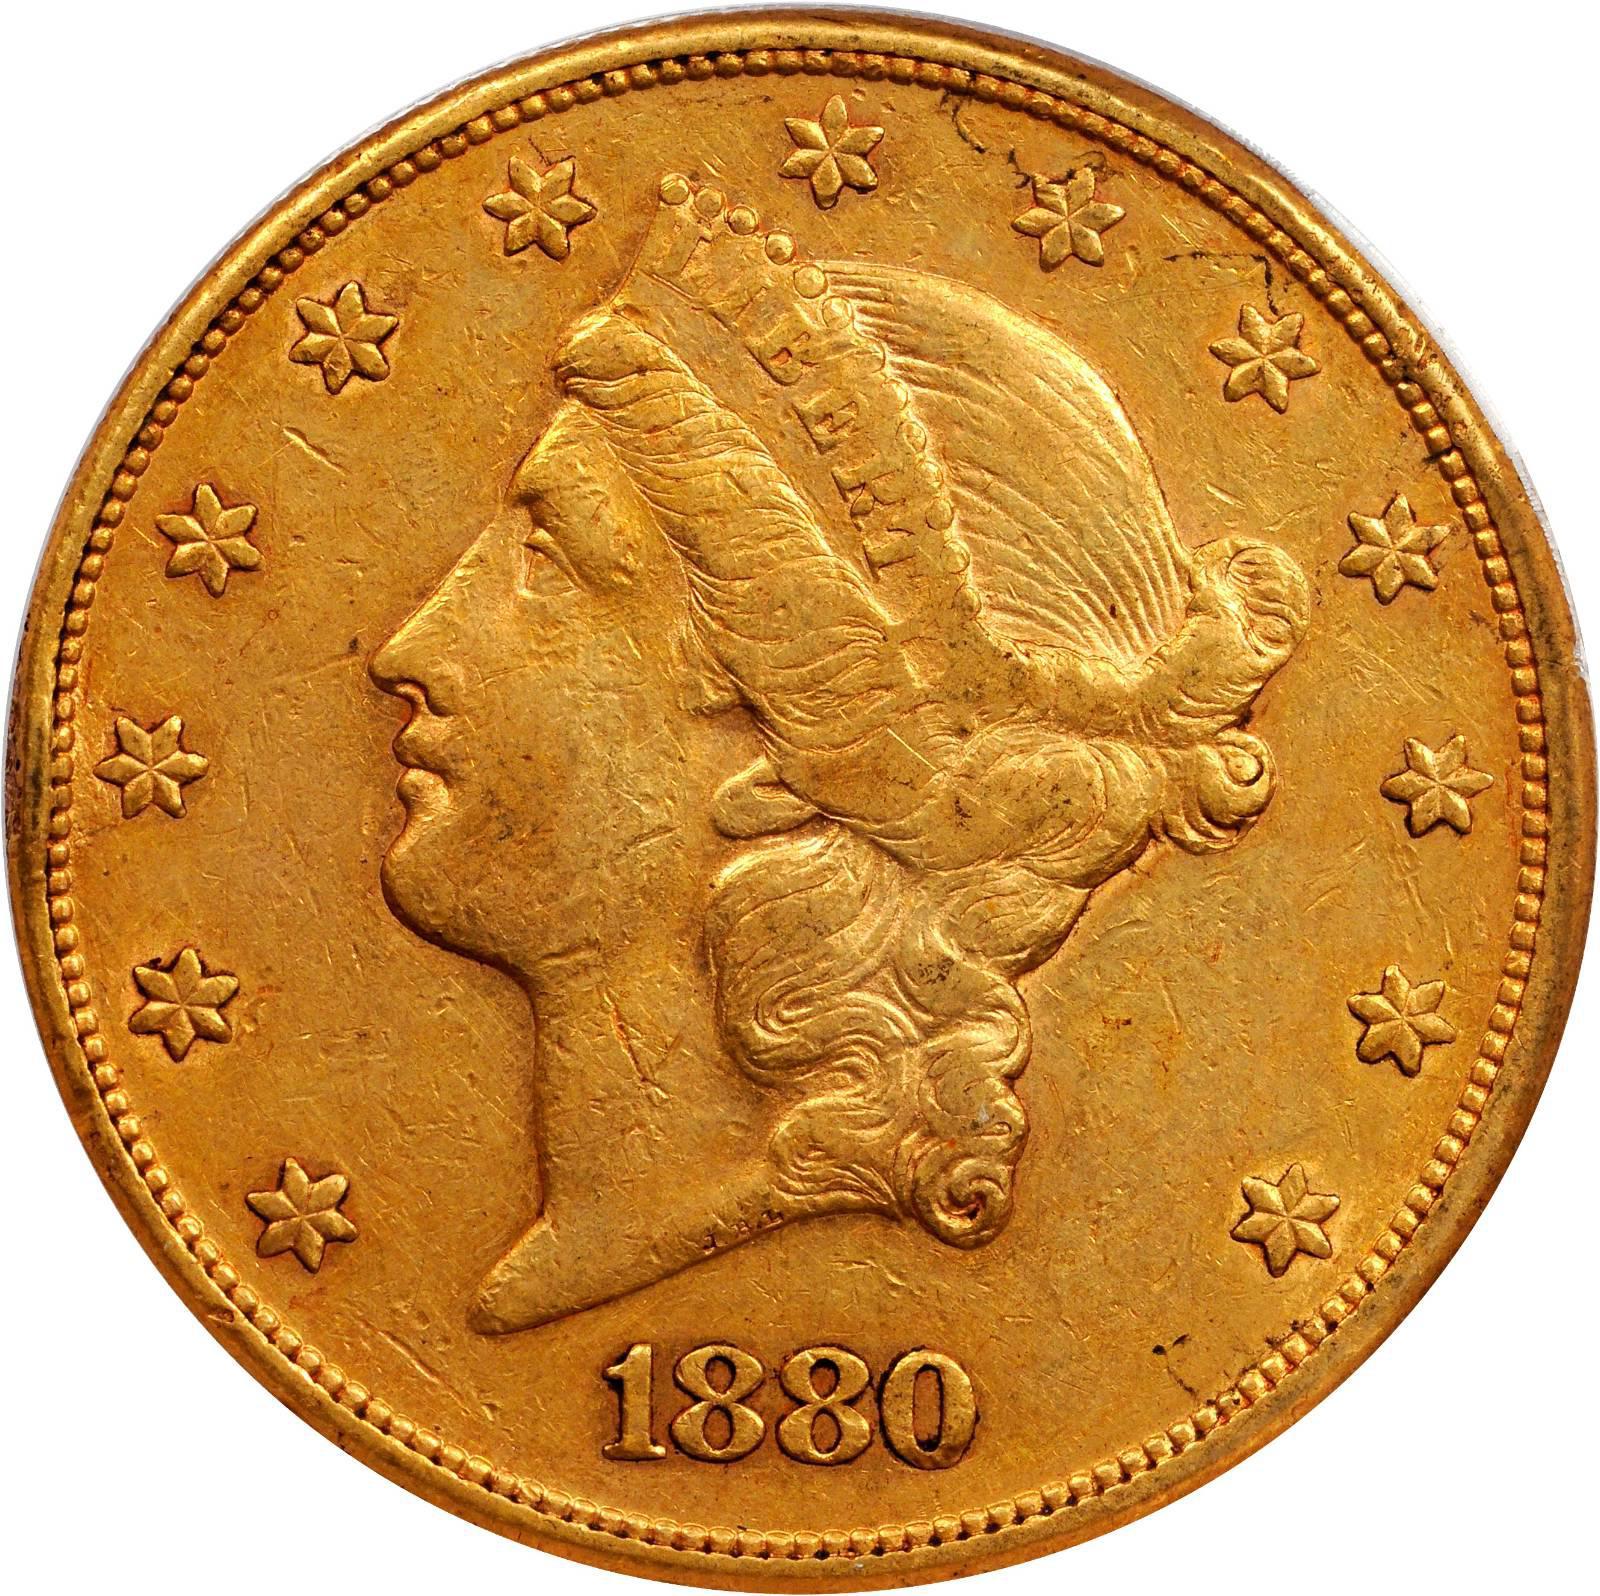 1880 gold 20 dollar coin